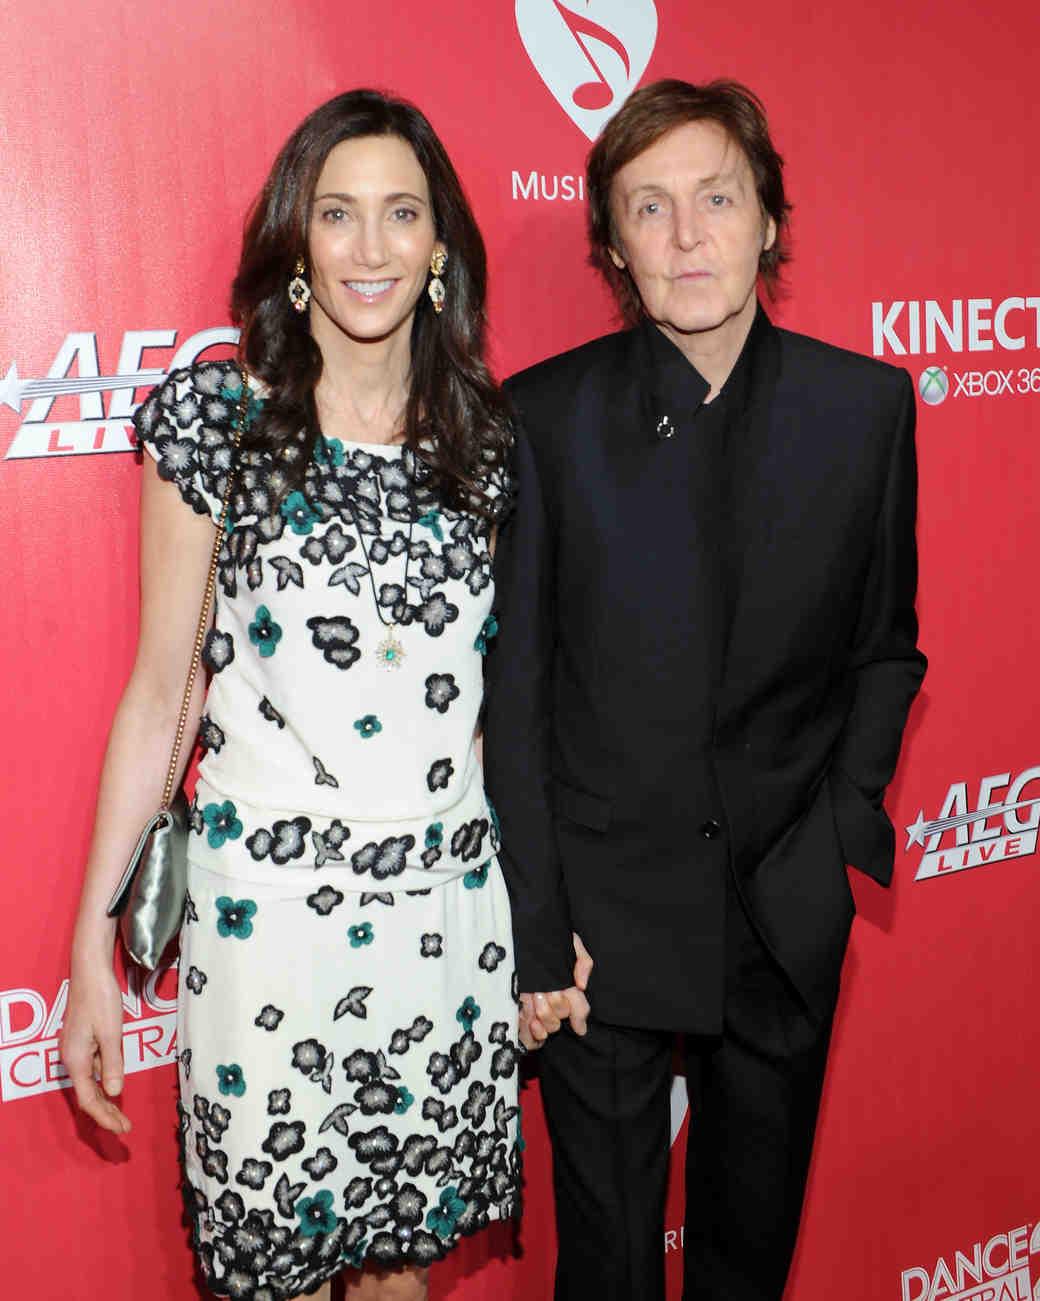 celebrity couple paul nancy black suit white floral dress